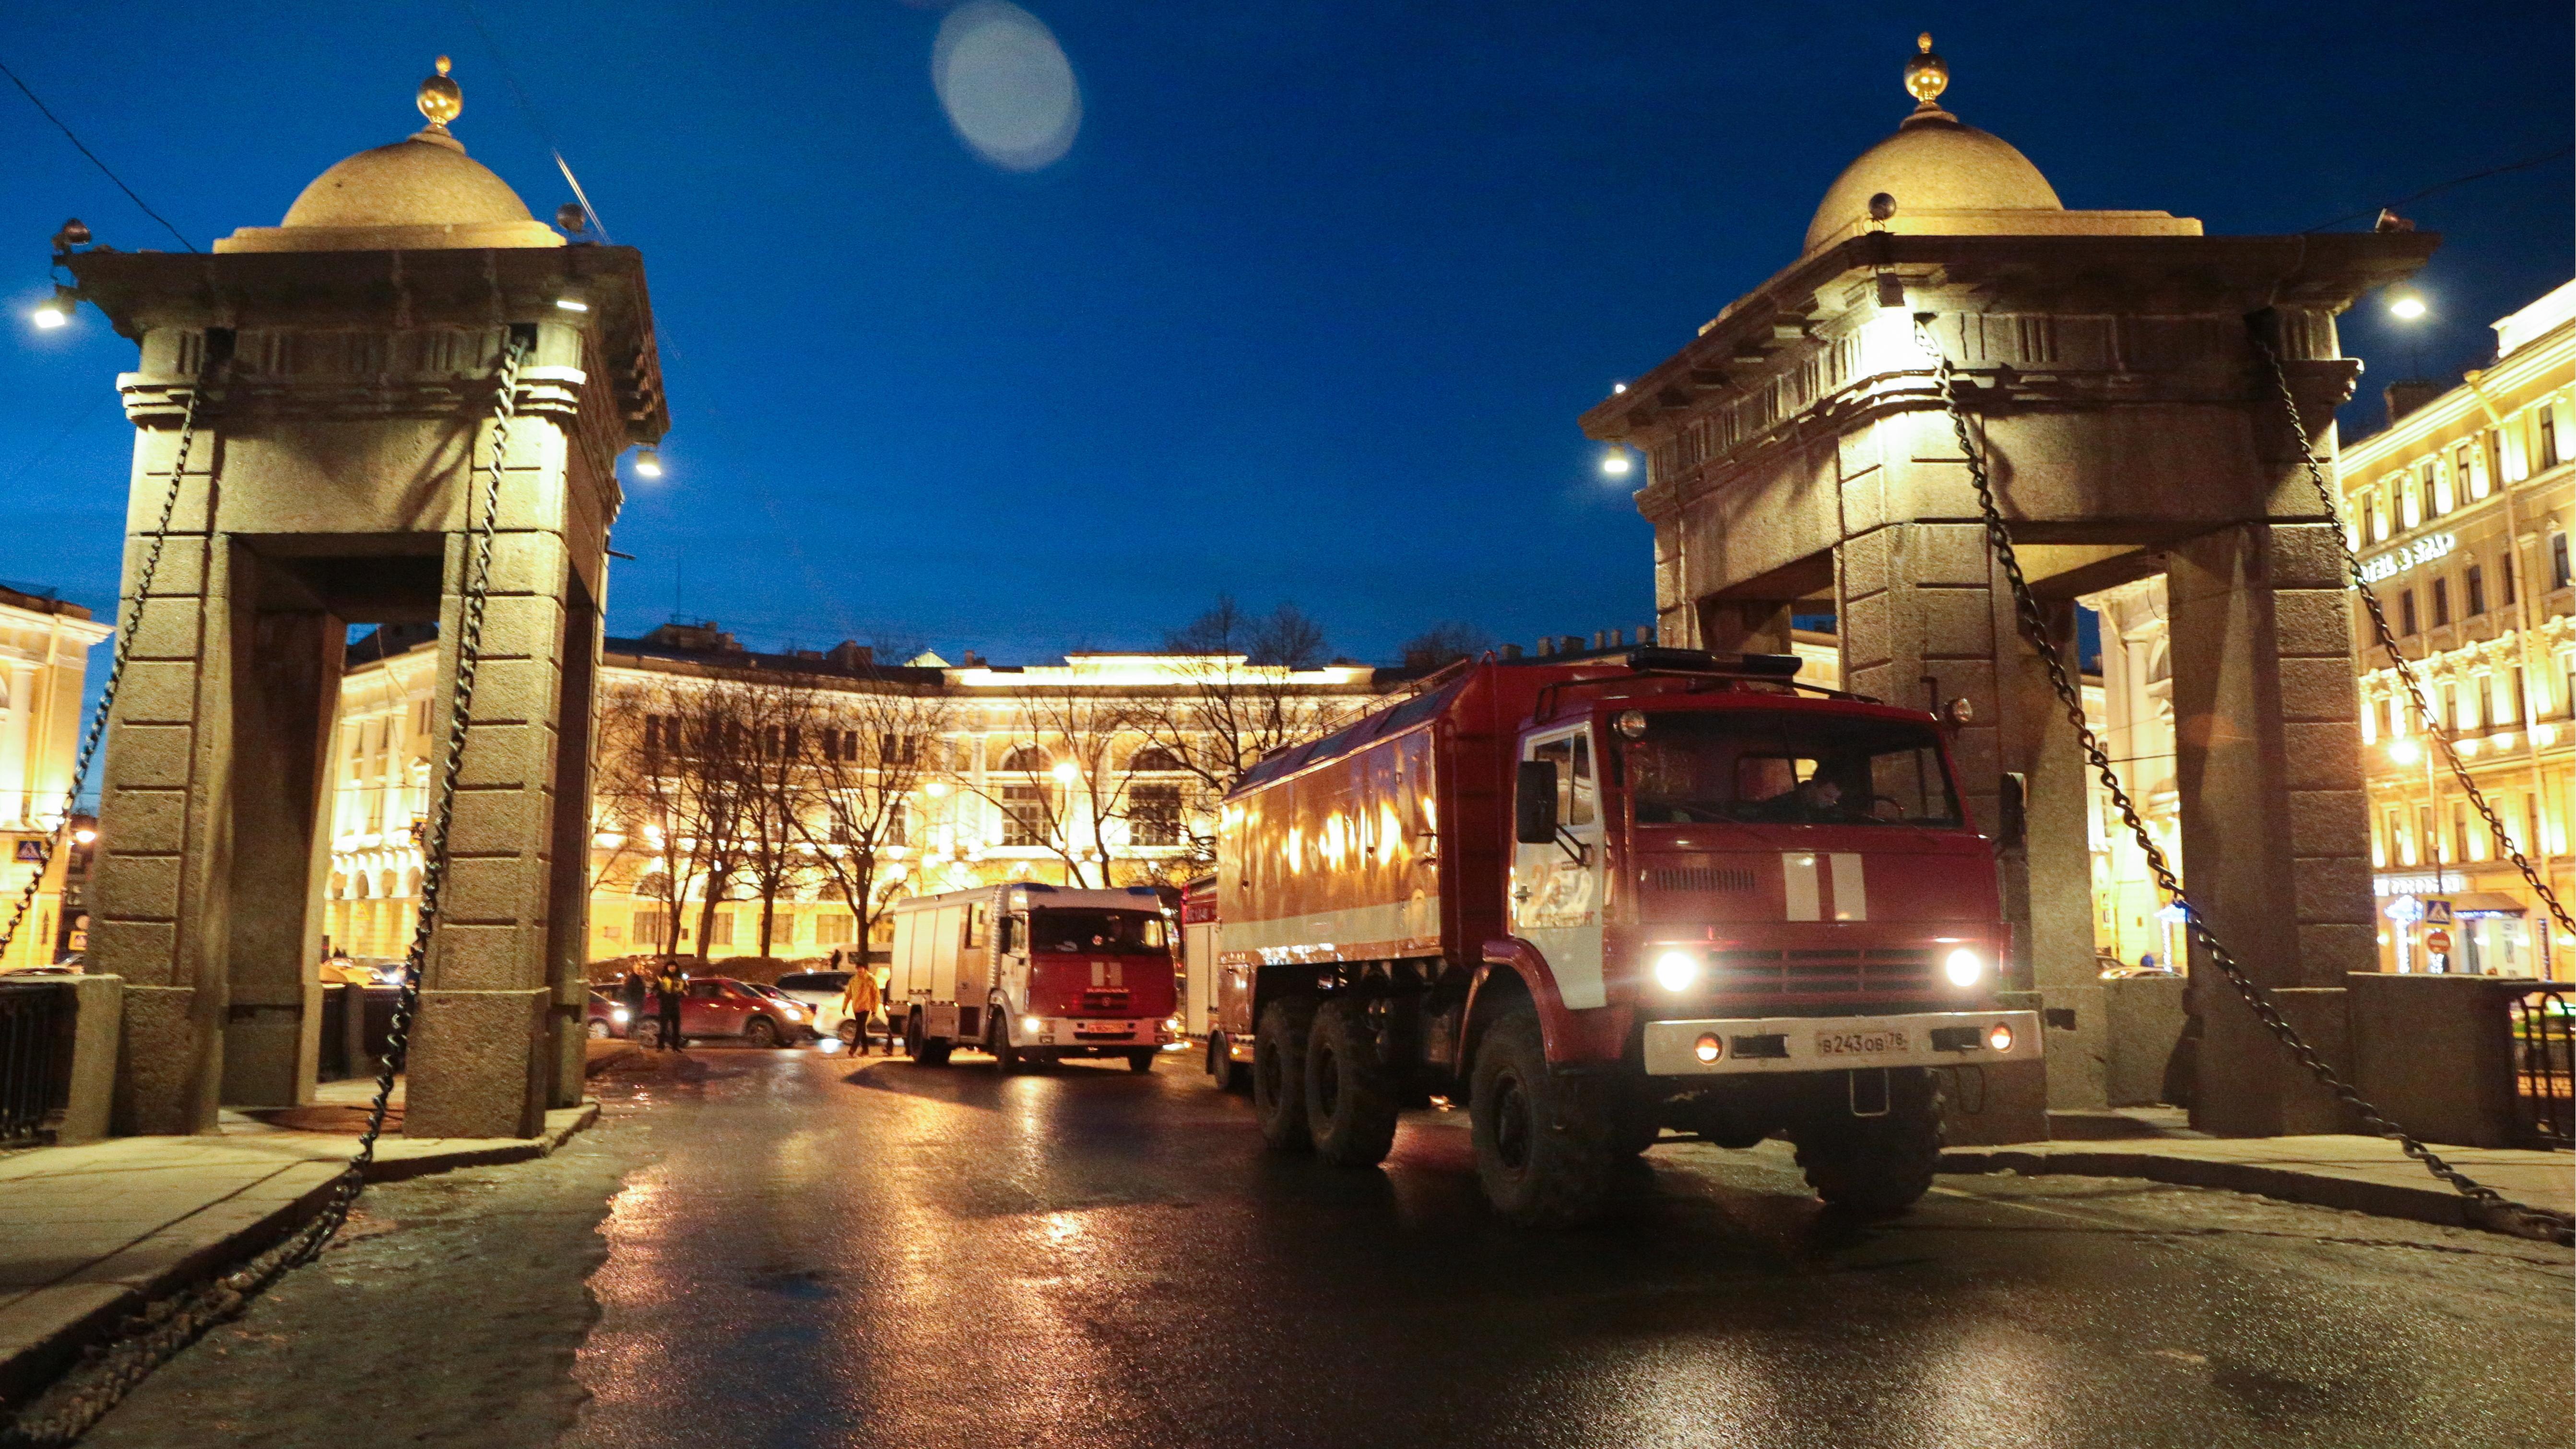 Feuerwehr an der Universität von St. Petersburg